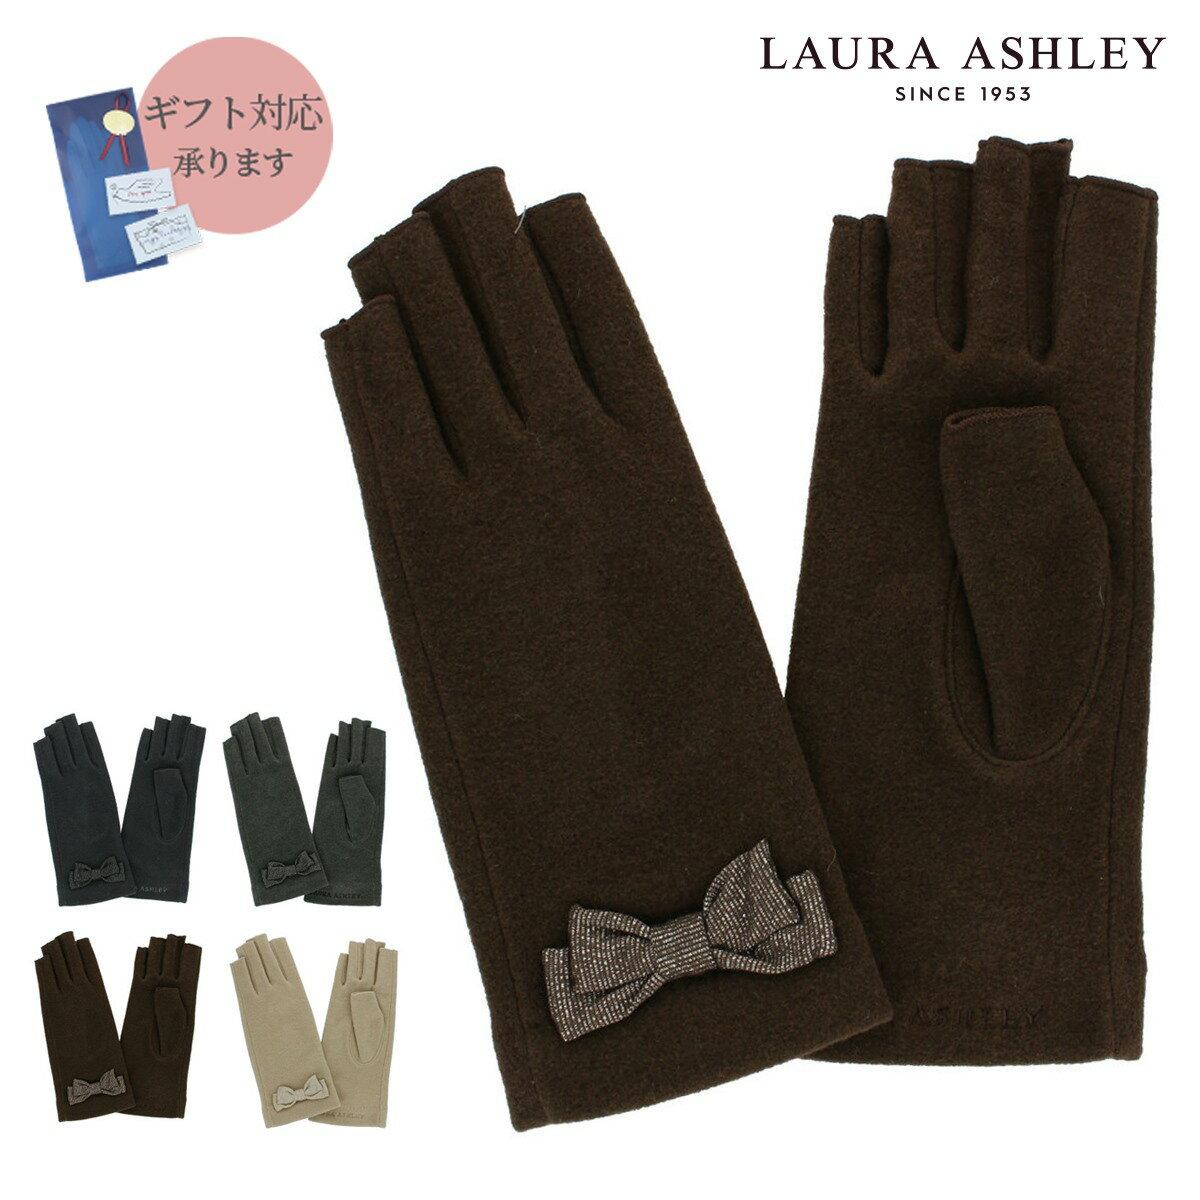 LAURA ASHLLEY ローラ アシュレイ レディ—ス 女性用手袋   てぶくろ ギフト プレゼント 指切り 指なし リボンデザイン 可愛い Mサイズ 全4色